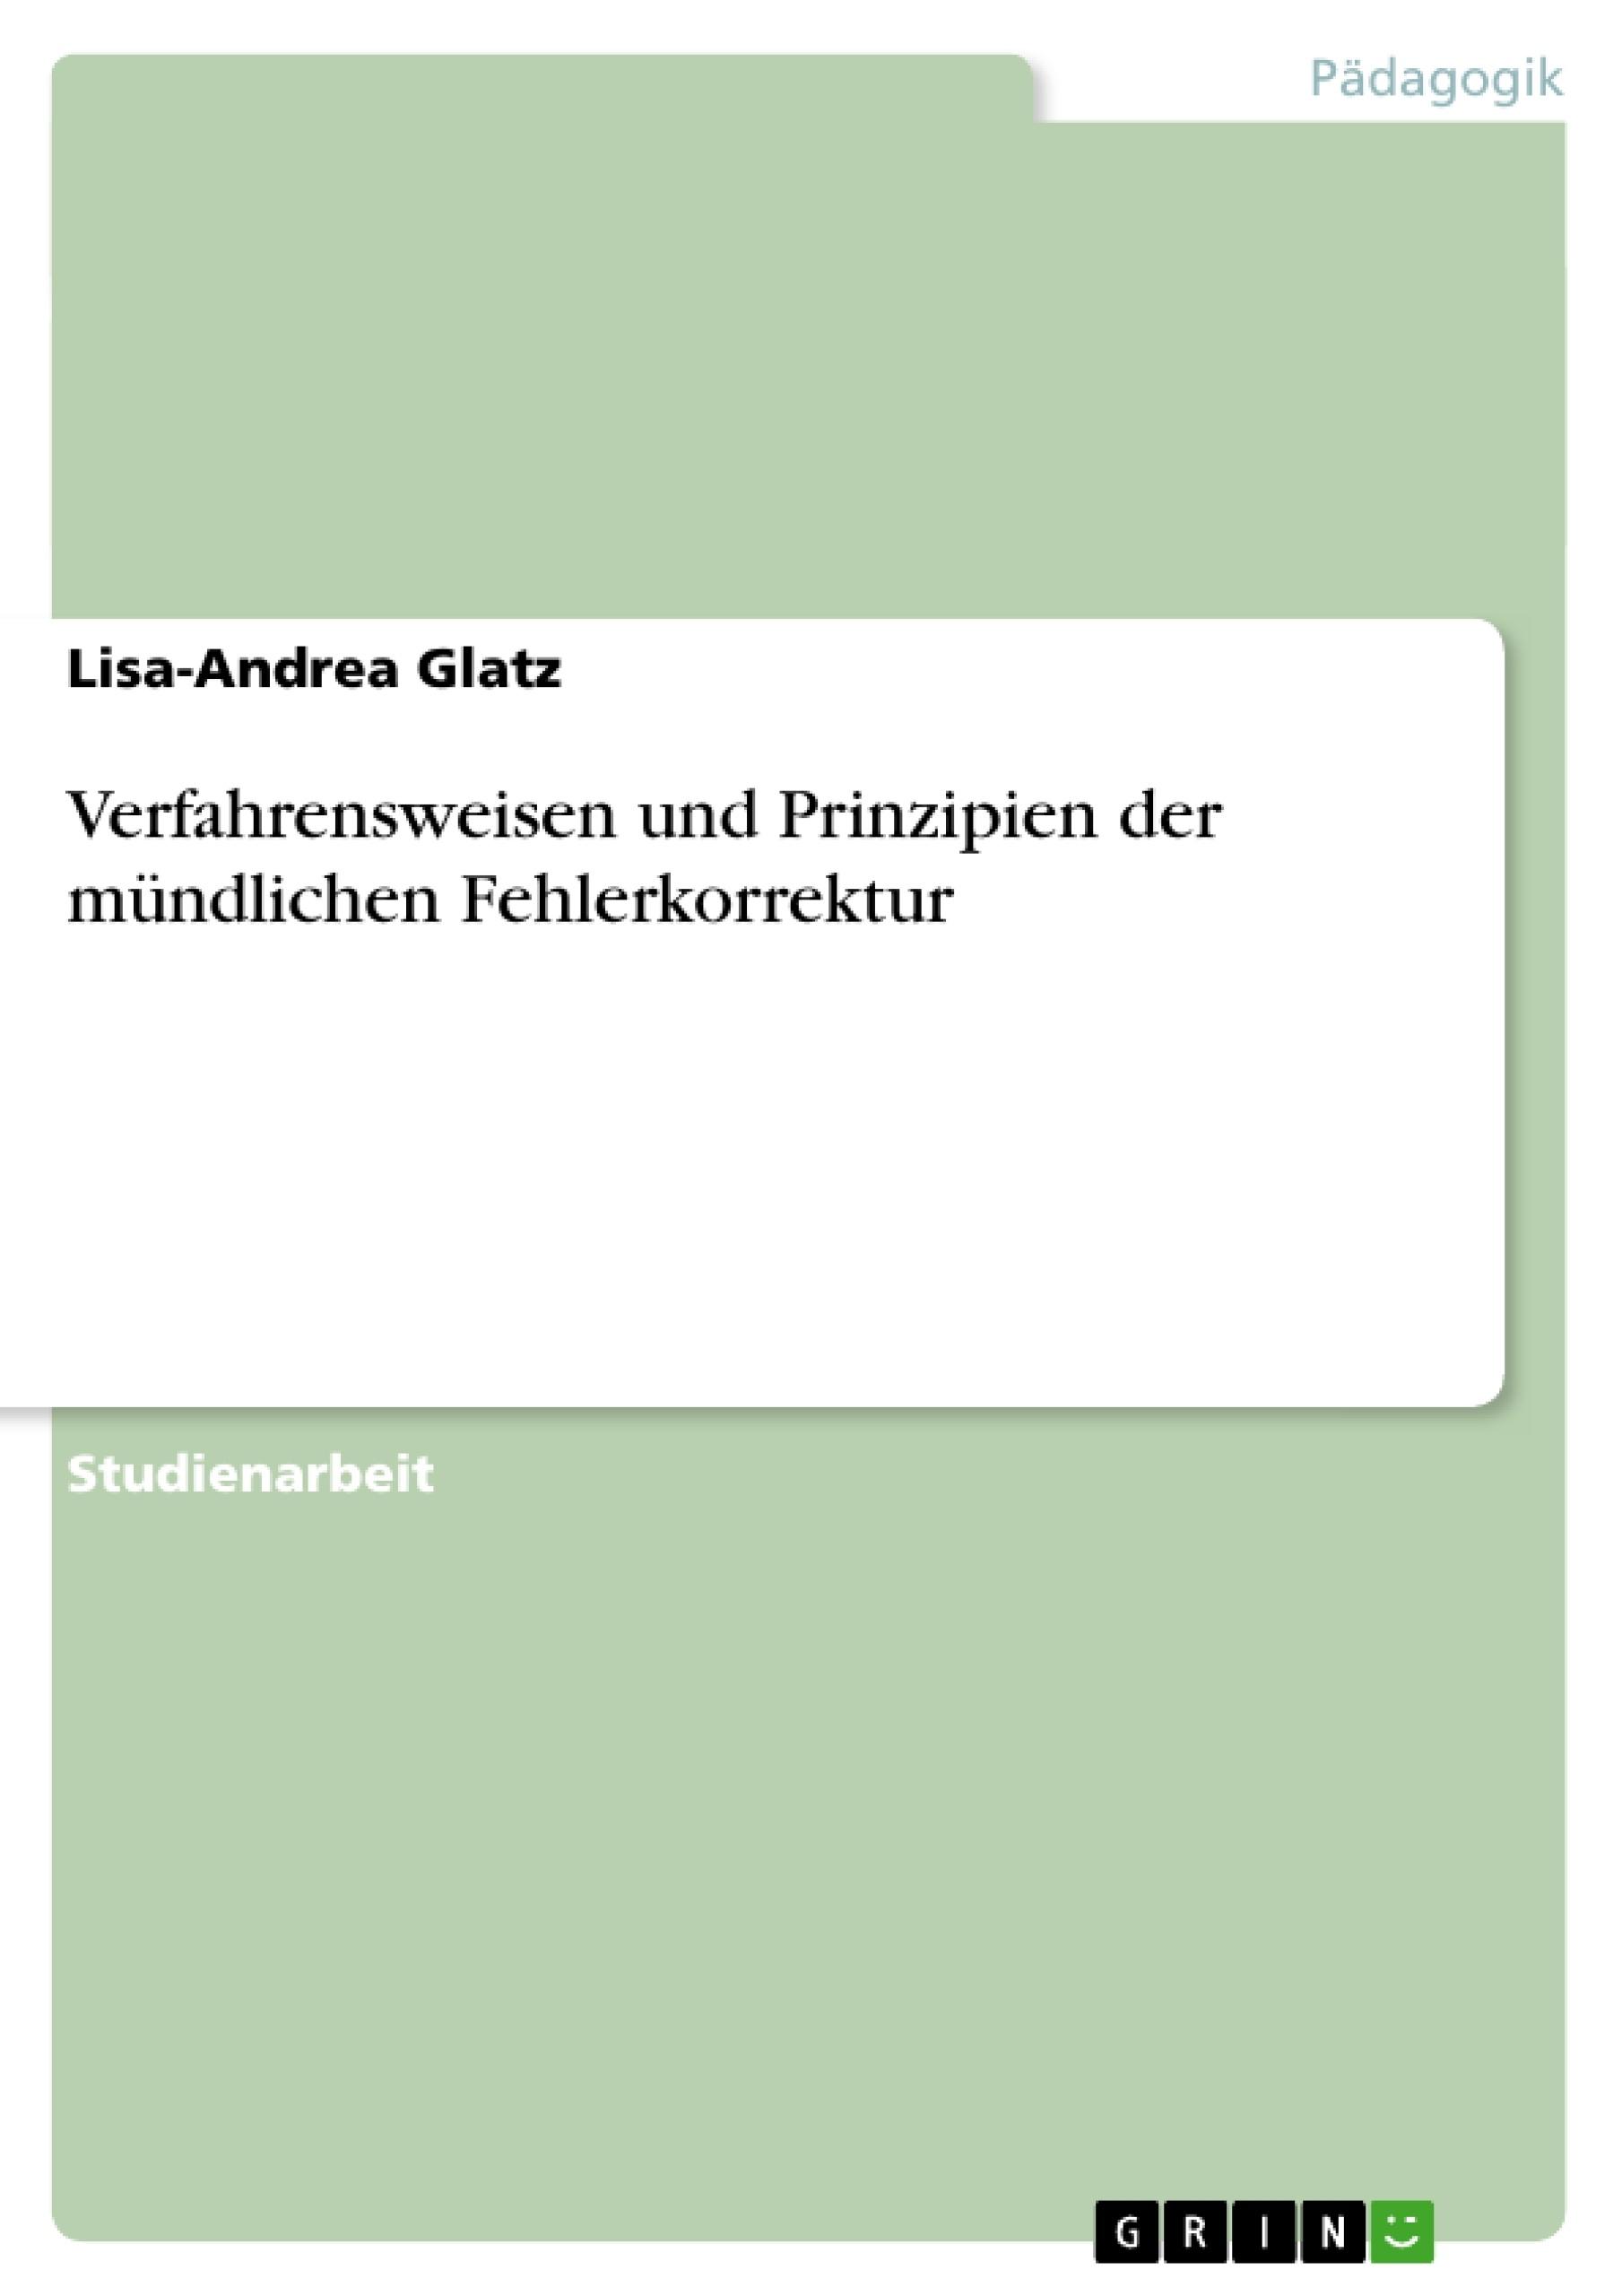 Titel: Verfahrensweisen und Prinzipien der mündlichen Fehlerkorrektur